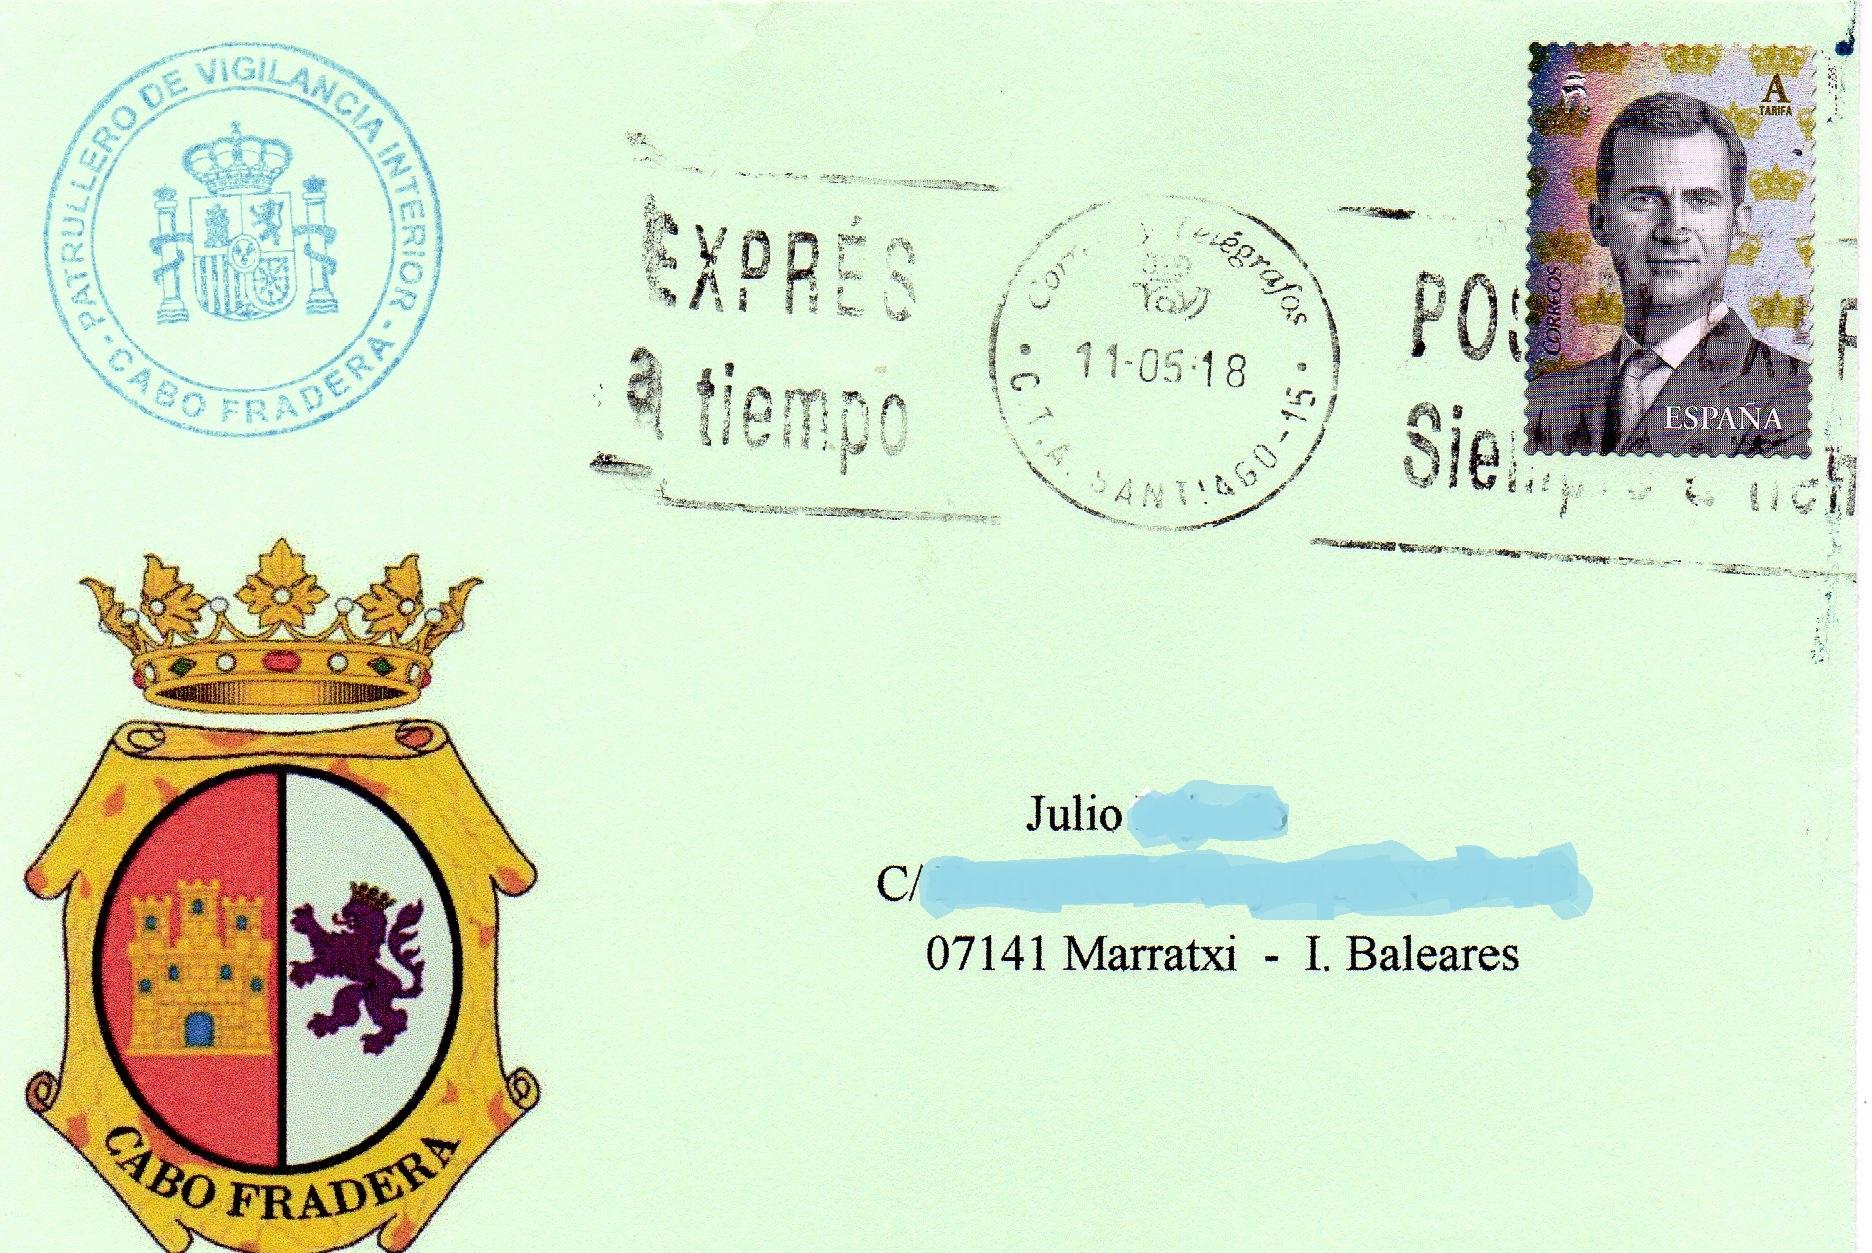 Buques de la armada PATRULLERO-CABO-FRADERA